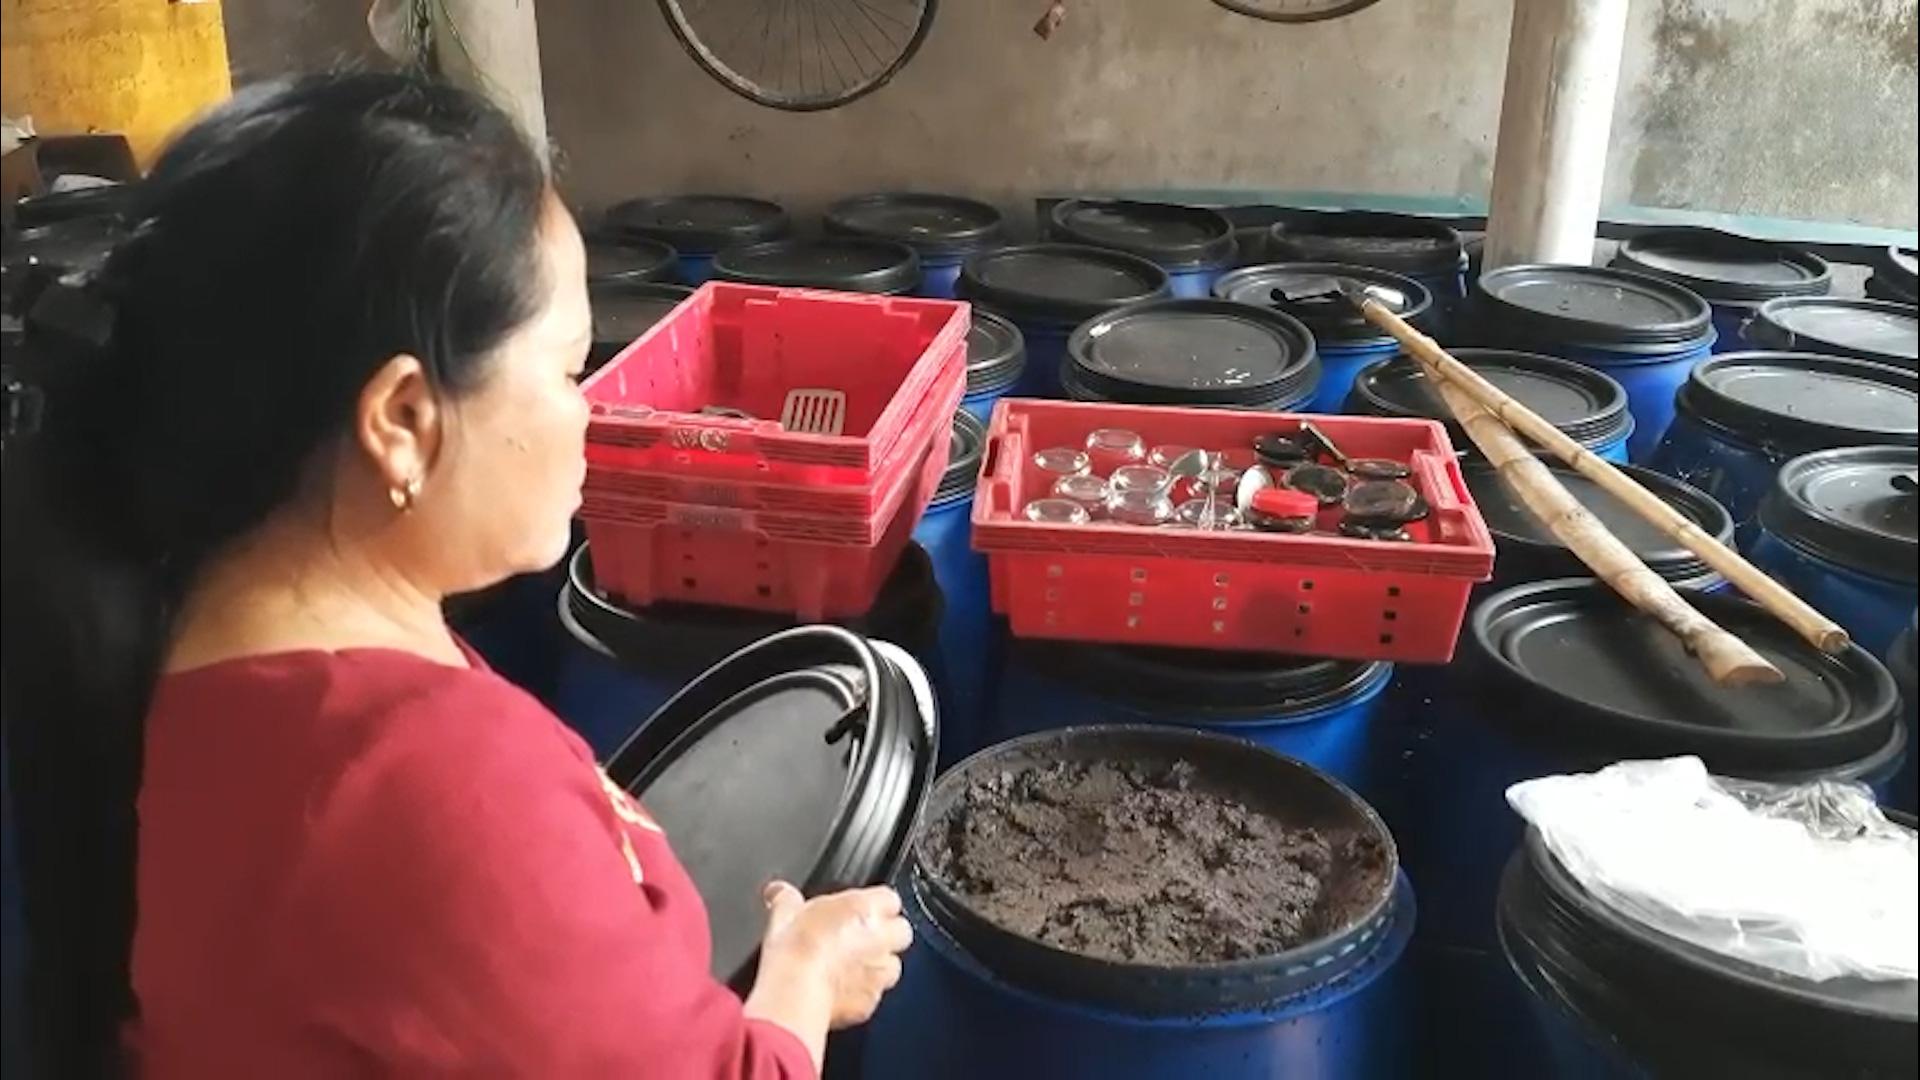 Quảng Trị: Dân kêu than vì phải sống bên hàng trăm tấn hải sản hôi thối suốt 5 năm - Ảnh 5.